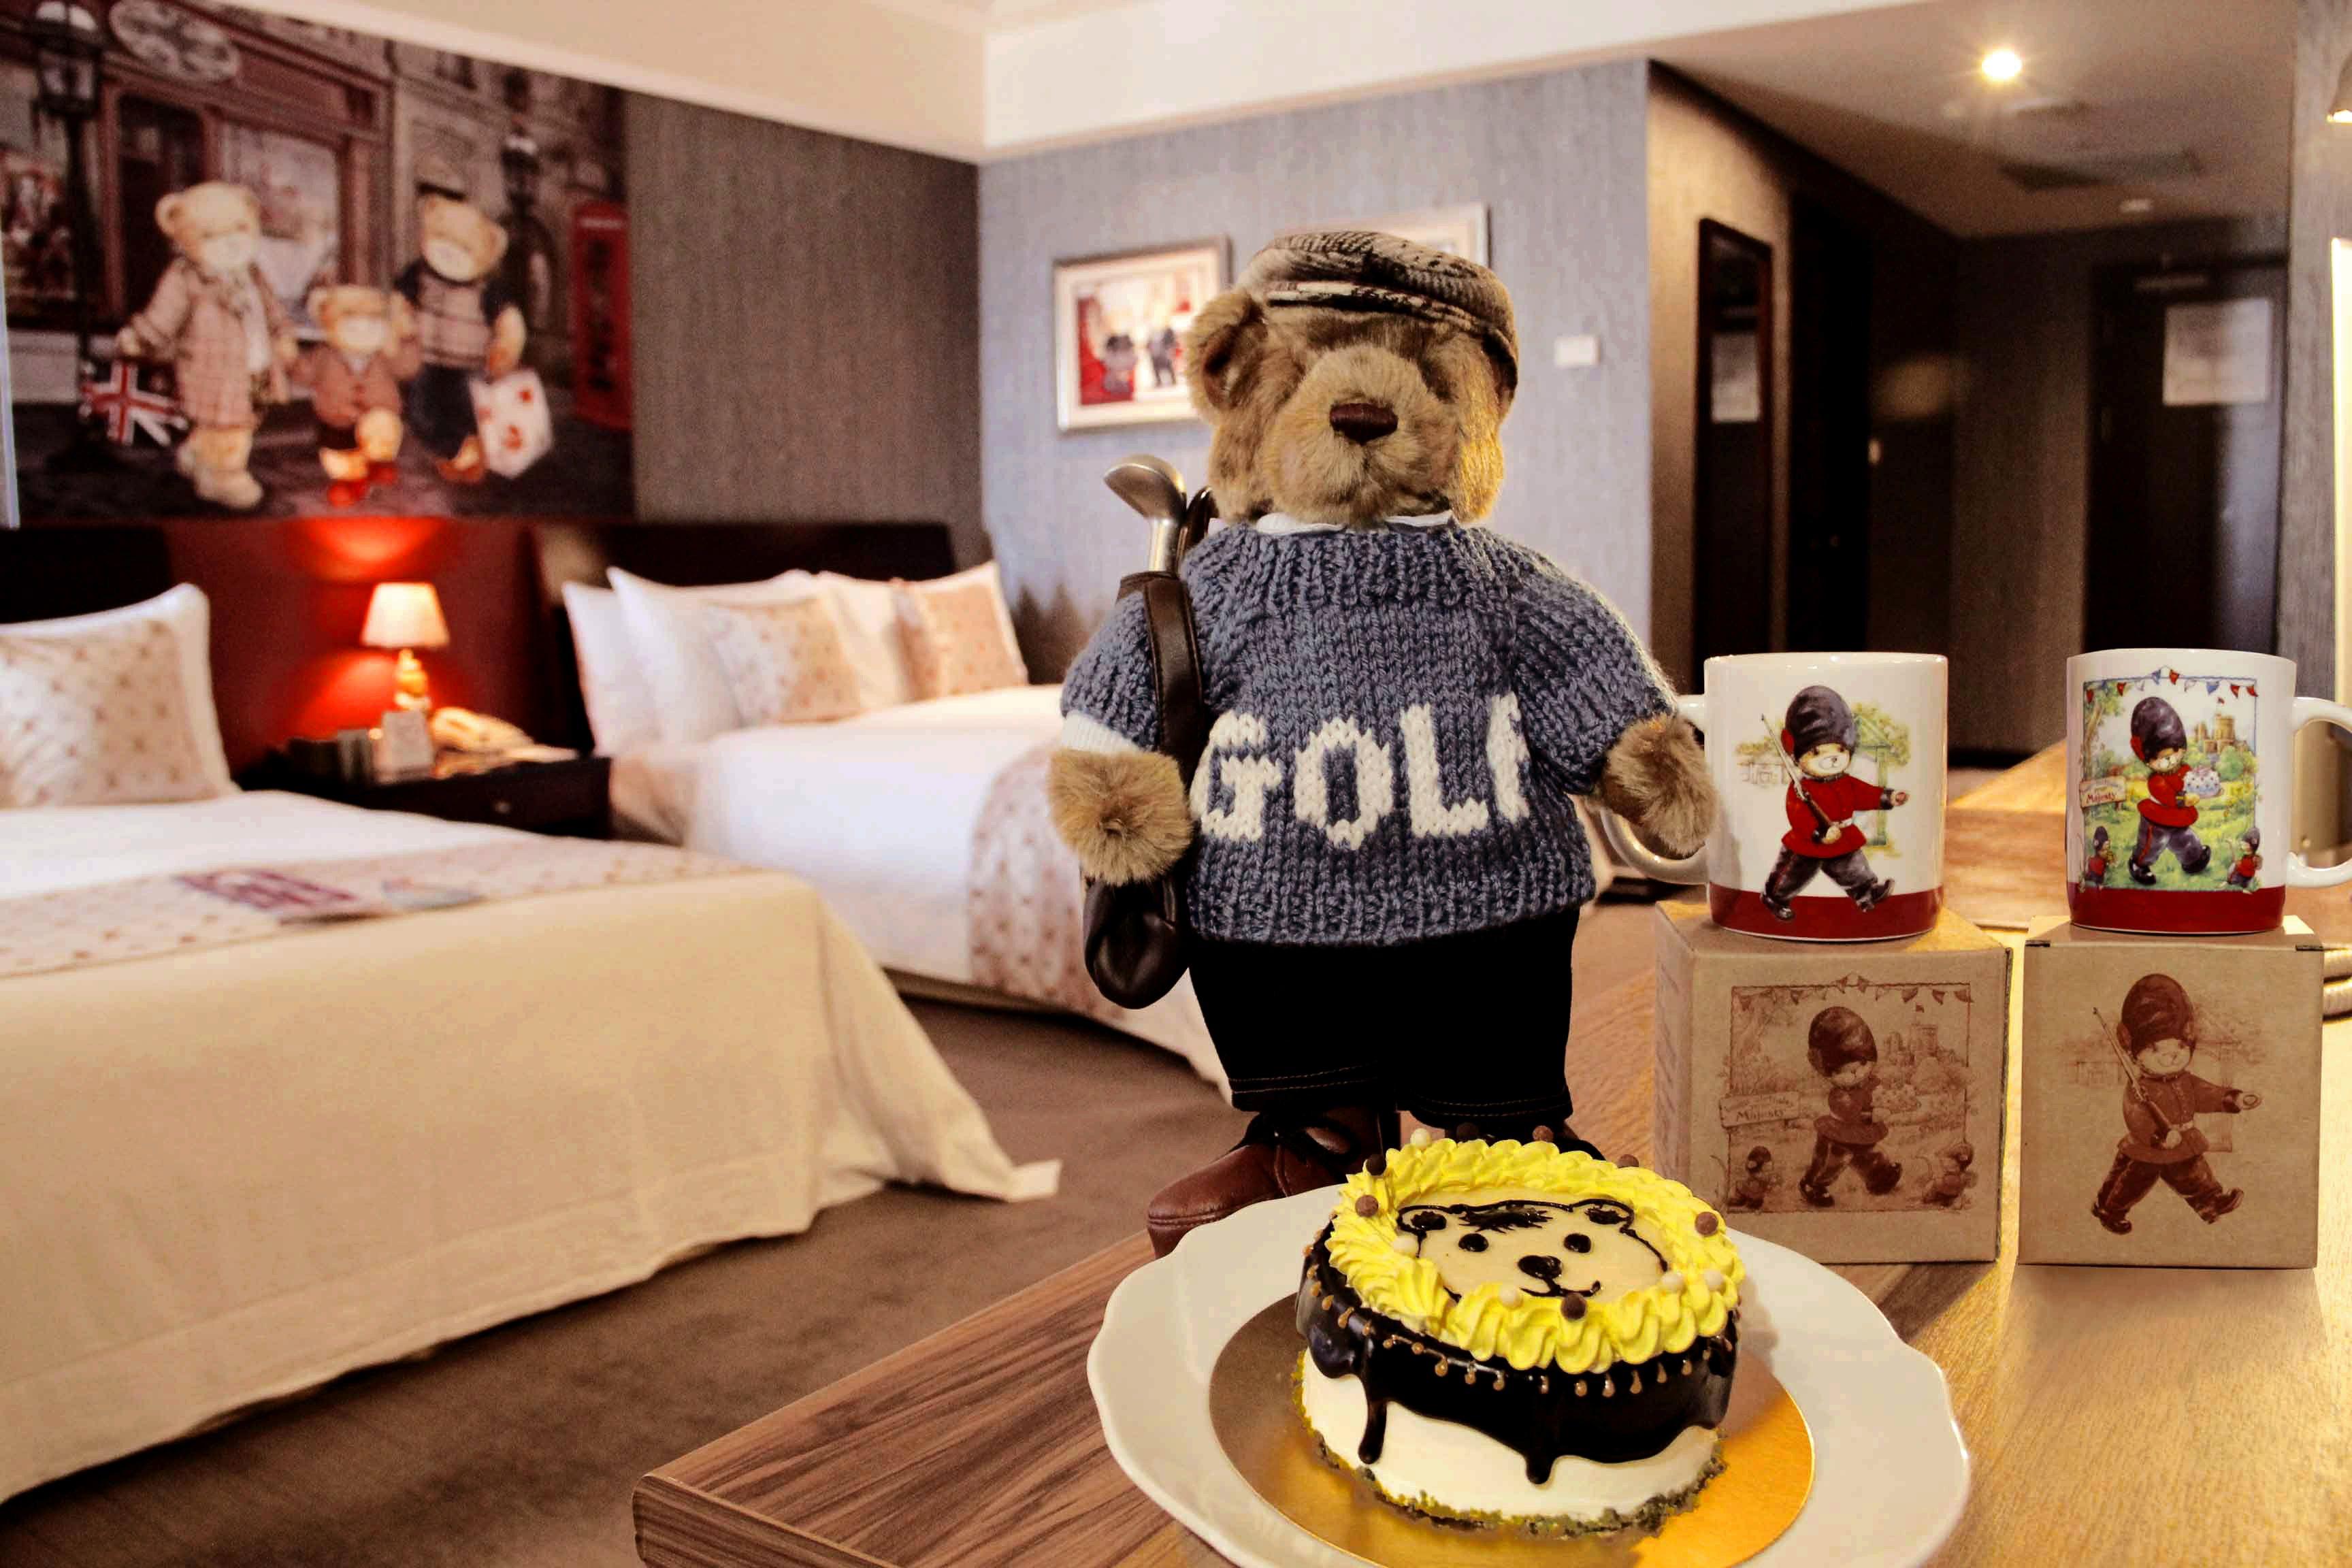 「英倫貴族」贈「精典泰迪-Classic Teddy經典高爾夫球立熊玩偶」1隻及「可愛熊熊造型蛋糕」4吋1模